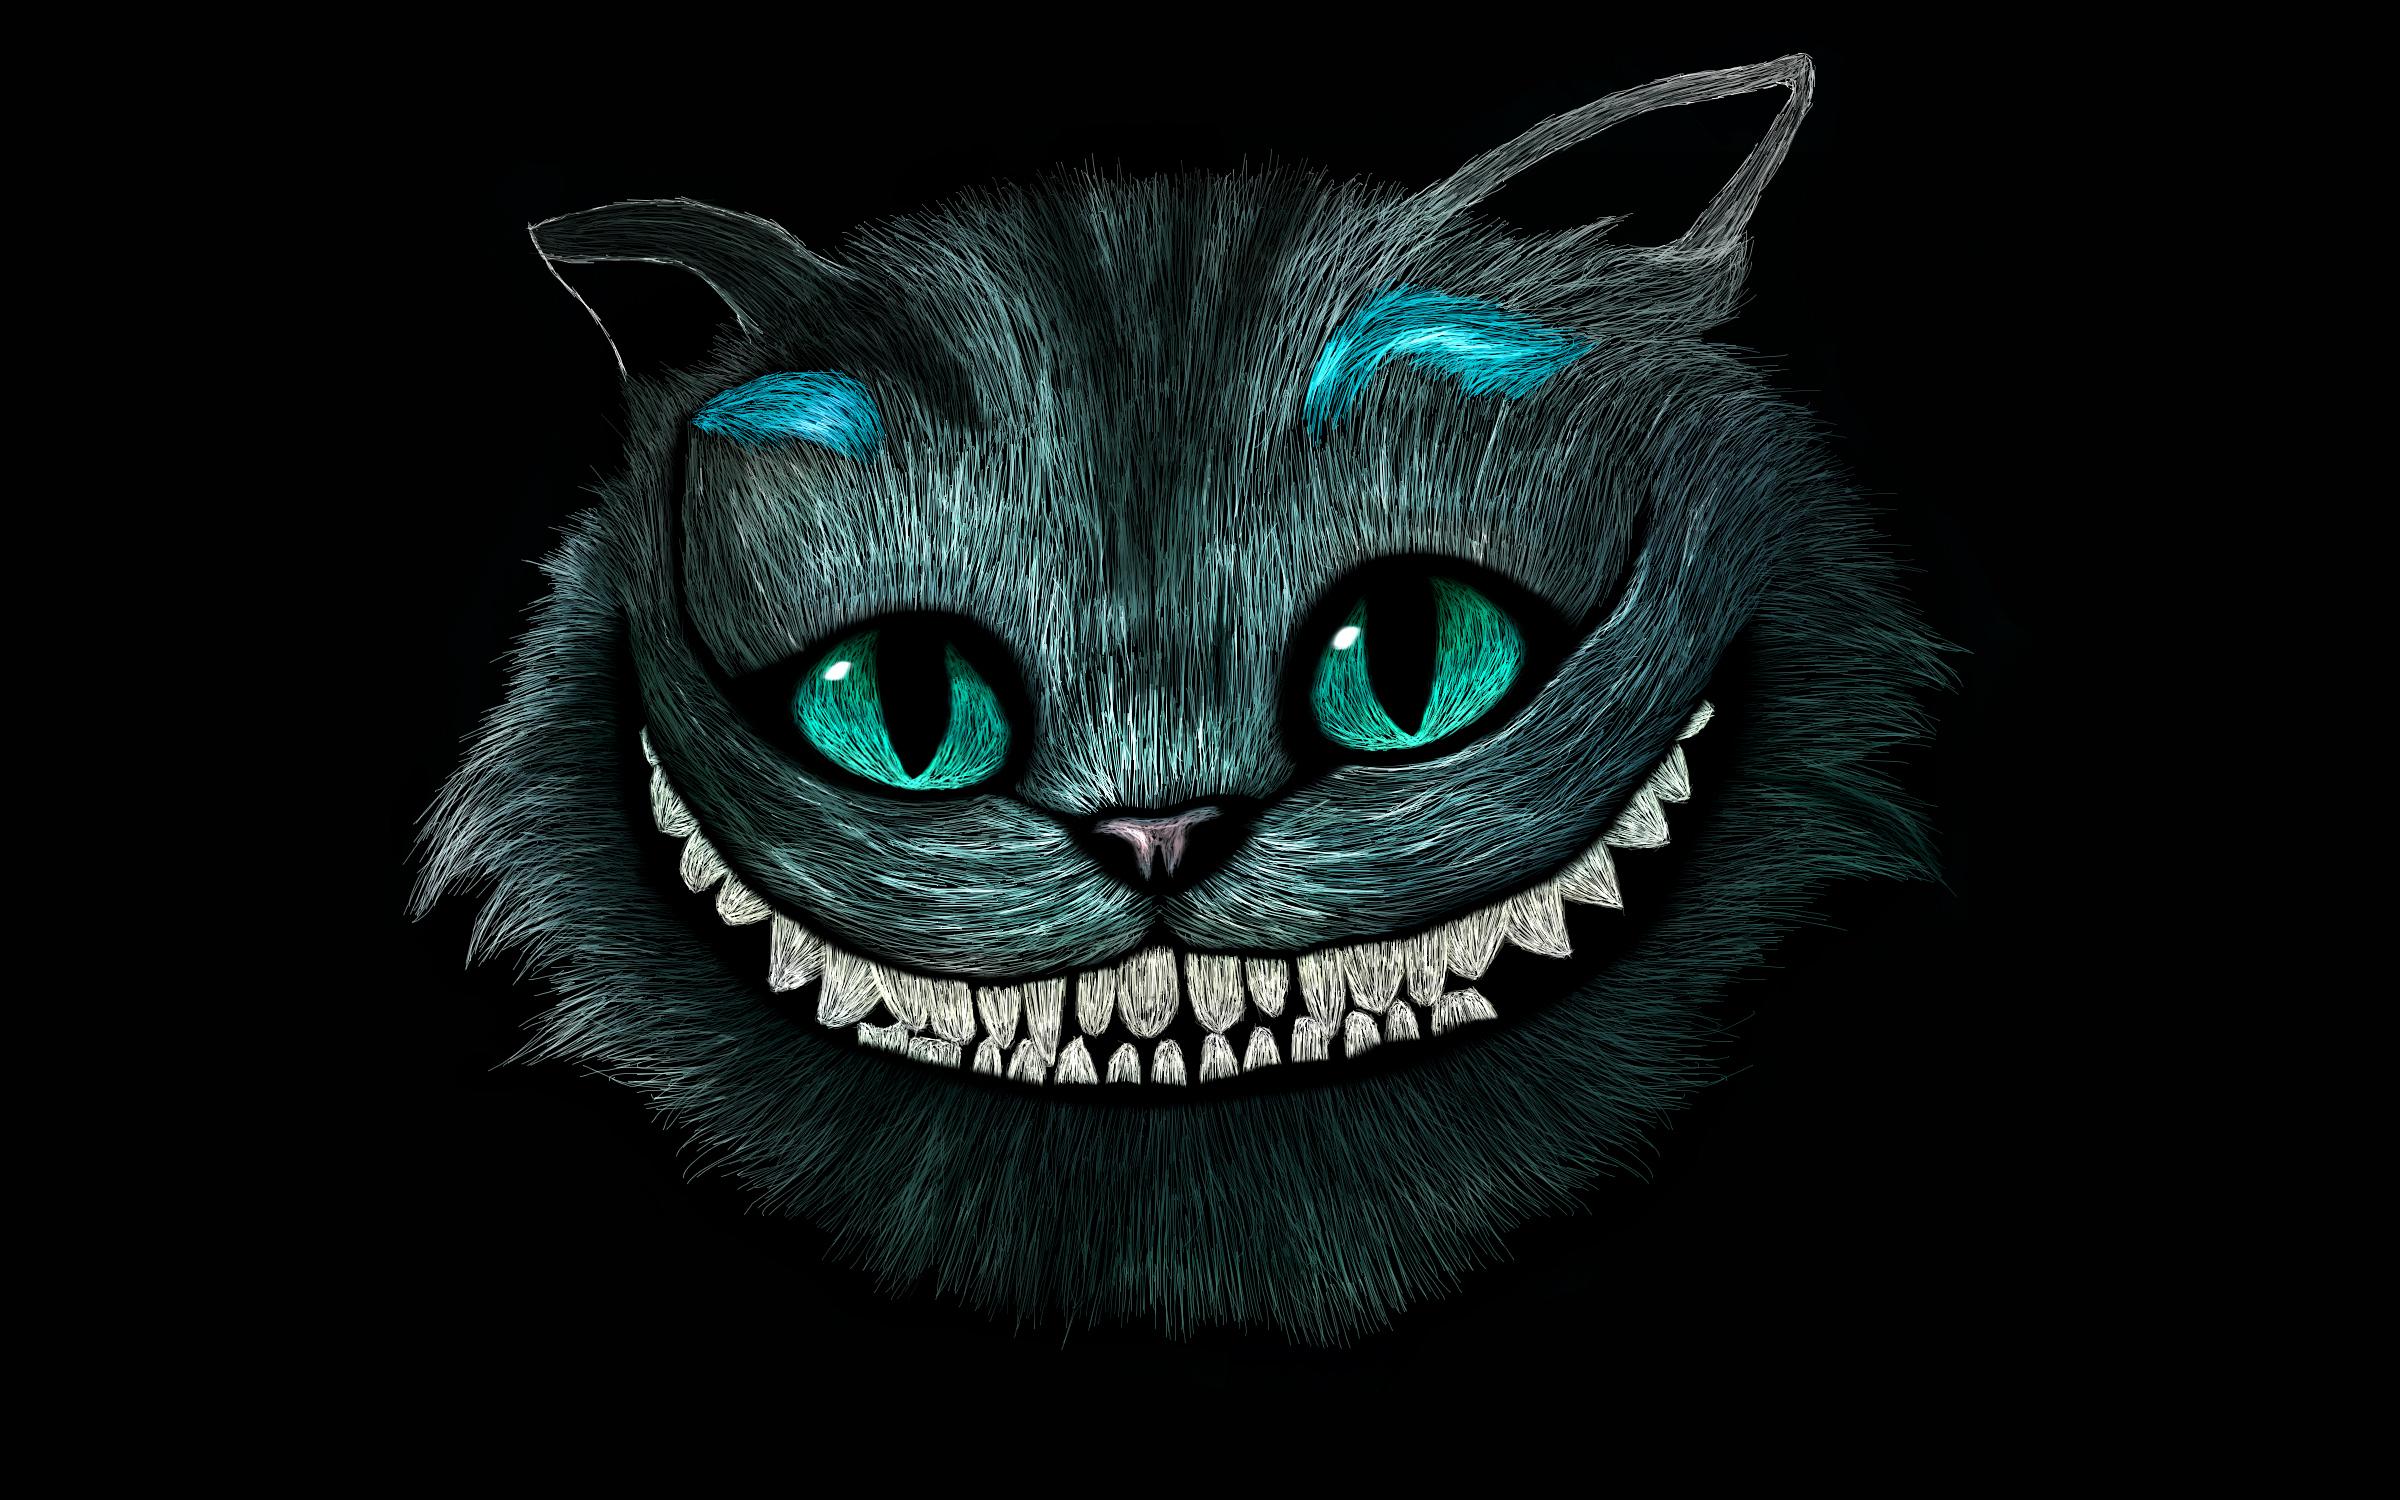 настя фотомодель чеширский кот картинка вертикальная могут обнаружить еще